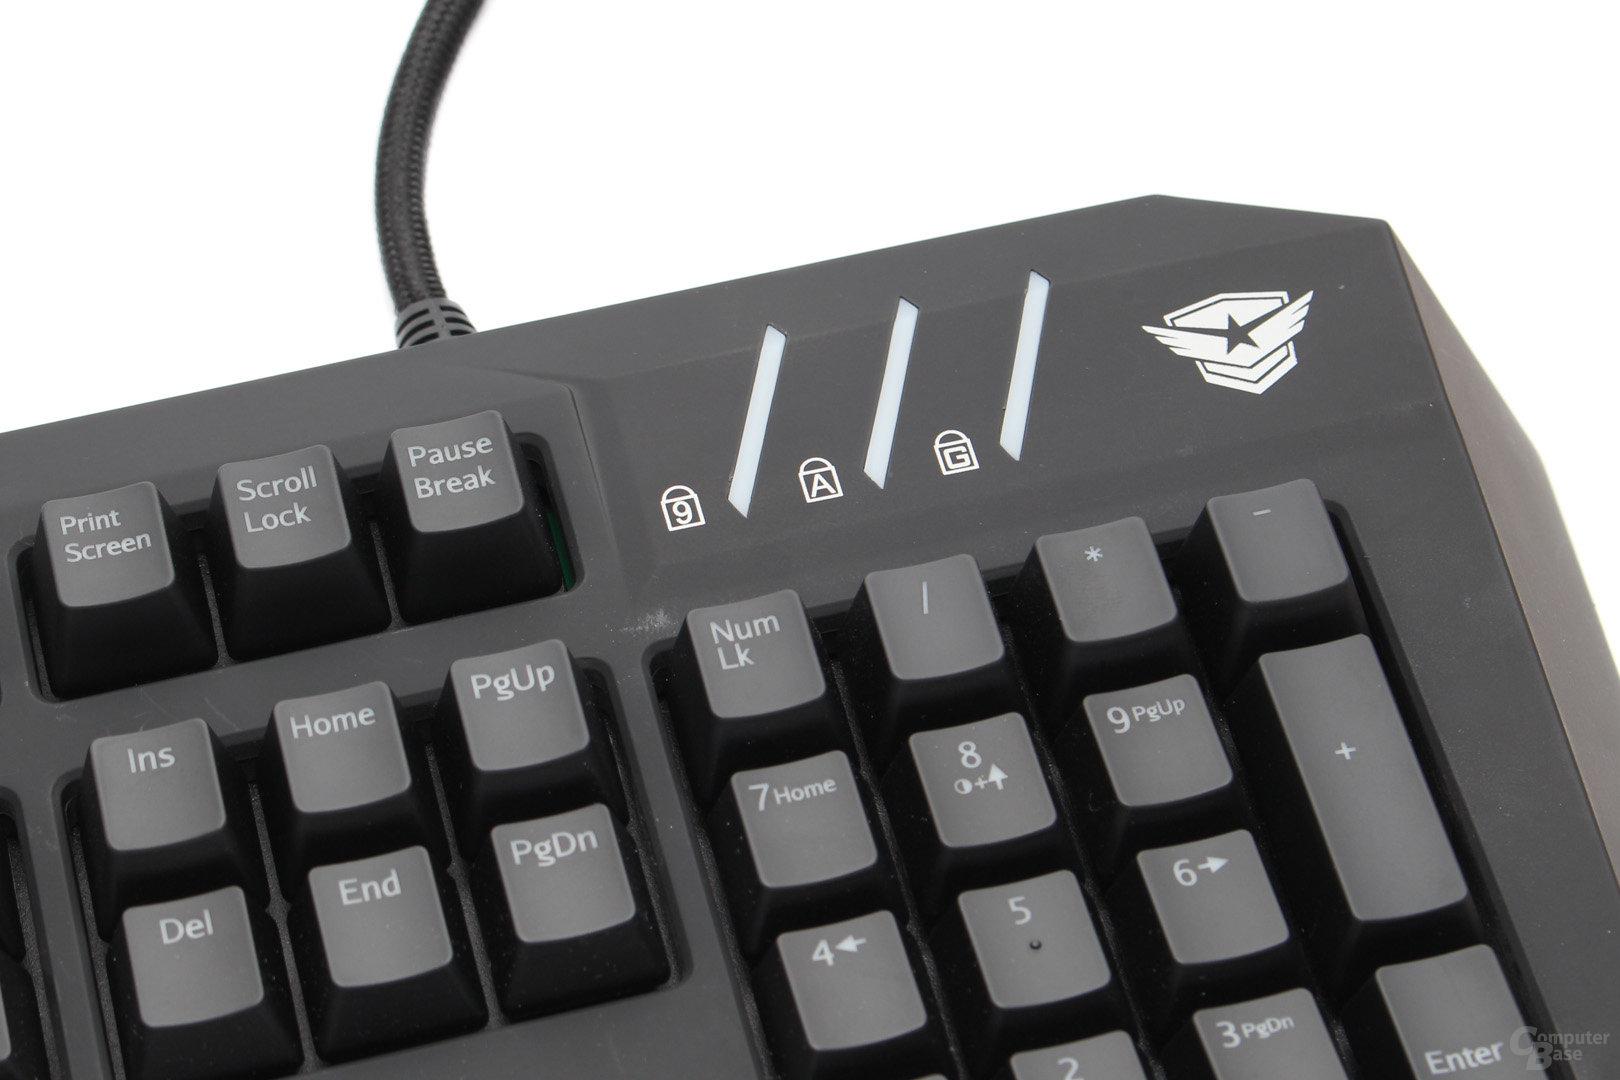 Status-LEDs für Nummernblock, Caps-Lock und Gaming-Modus